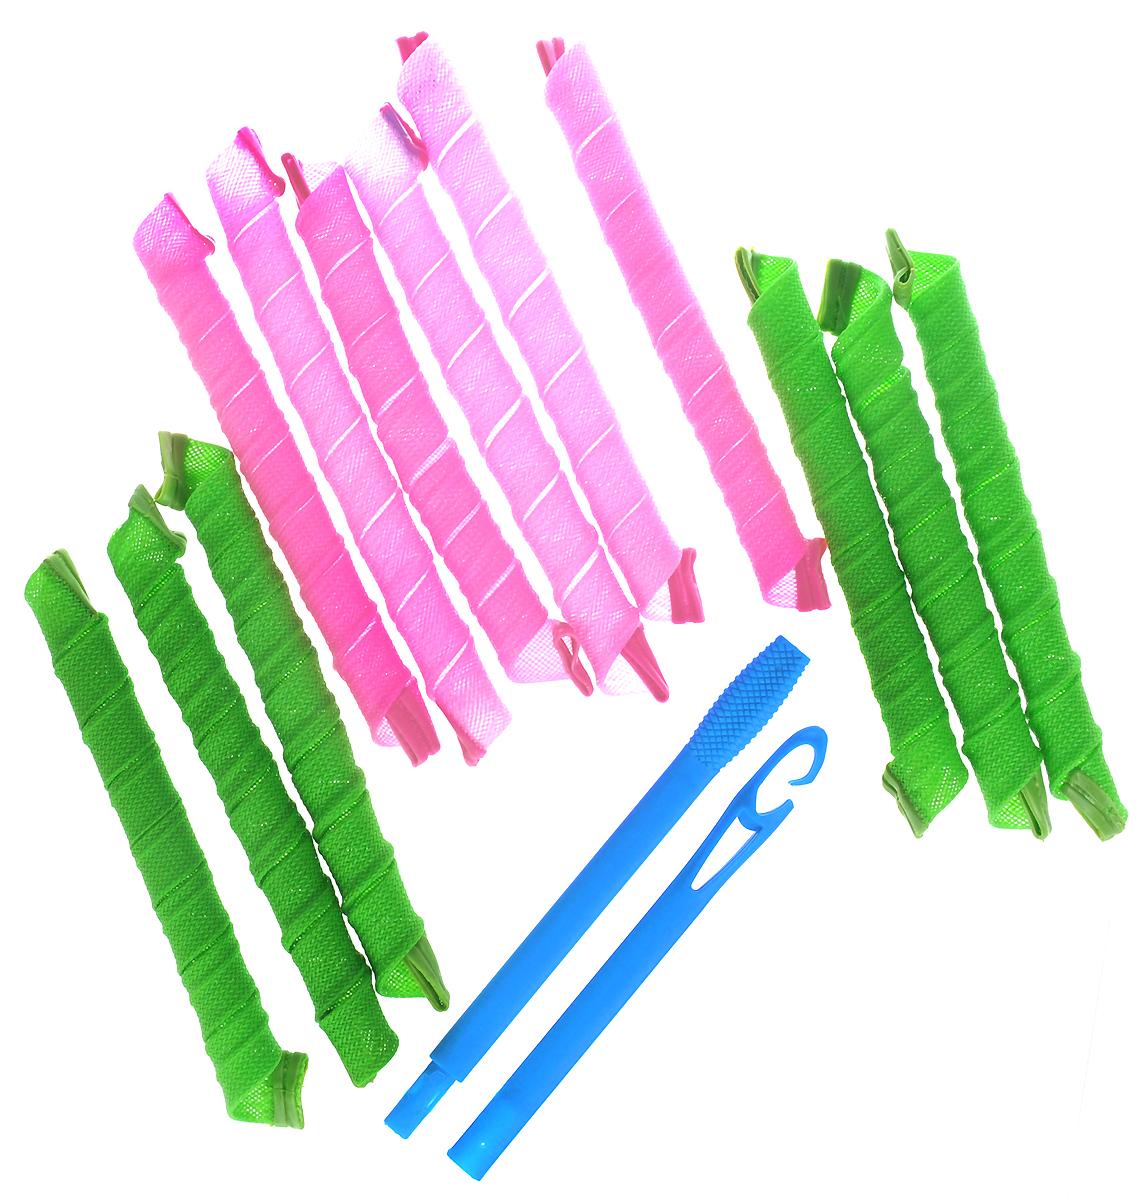 Magic Leverage Волшебные бигуди Длинные лайт 50 см, 12 штДл50Волшебные бигуди Длинные весенние - отличаются от уже известных всем Длинных Волшебных бигуди количеством и тем, что закручивают в одном направлении. Они бережно завивают волосы, не повреждая и не спутывая их. Пряди накручиваются равномерно, в одном направлении, а прическа получается объемной и аккуратной. Благодаря удобной упаковке-косметичке и складному крючку набор займет мало места и всегда будет под рукой.Характеристики:Длина: 50-52 смШирина локона: 2 смДиаметр завитка: 2 смКоличество: 12 шт.Крючок: двойнойУпаковка: коробка Уважаемые клиенты!Обращаем ваше внимание на цветовой ассортимент товара. Поставка осуществляется в зависимости от наличия на складе.